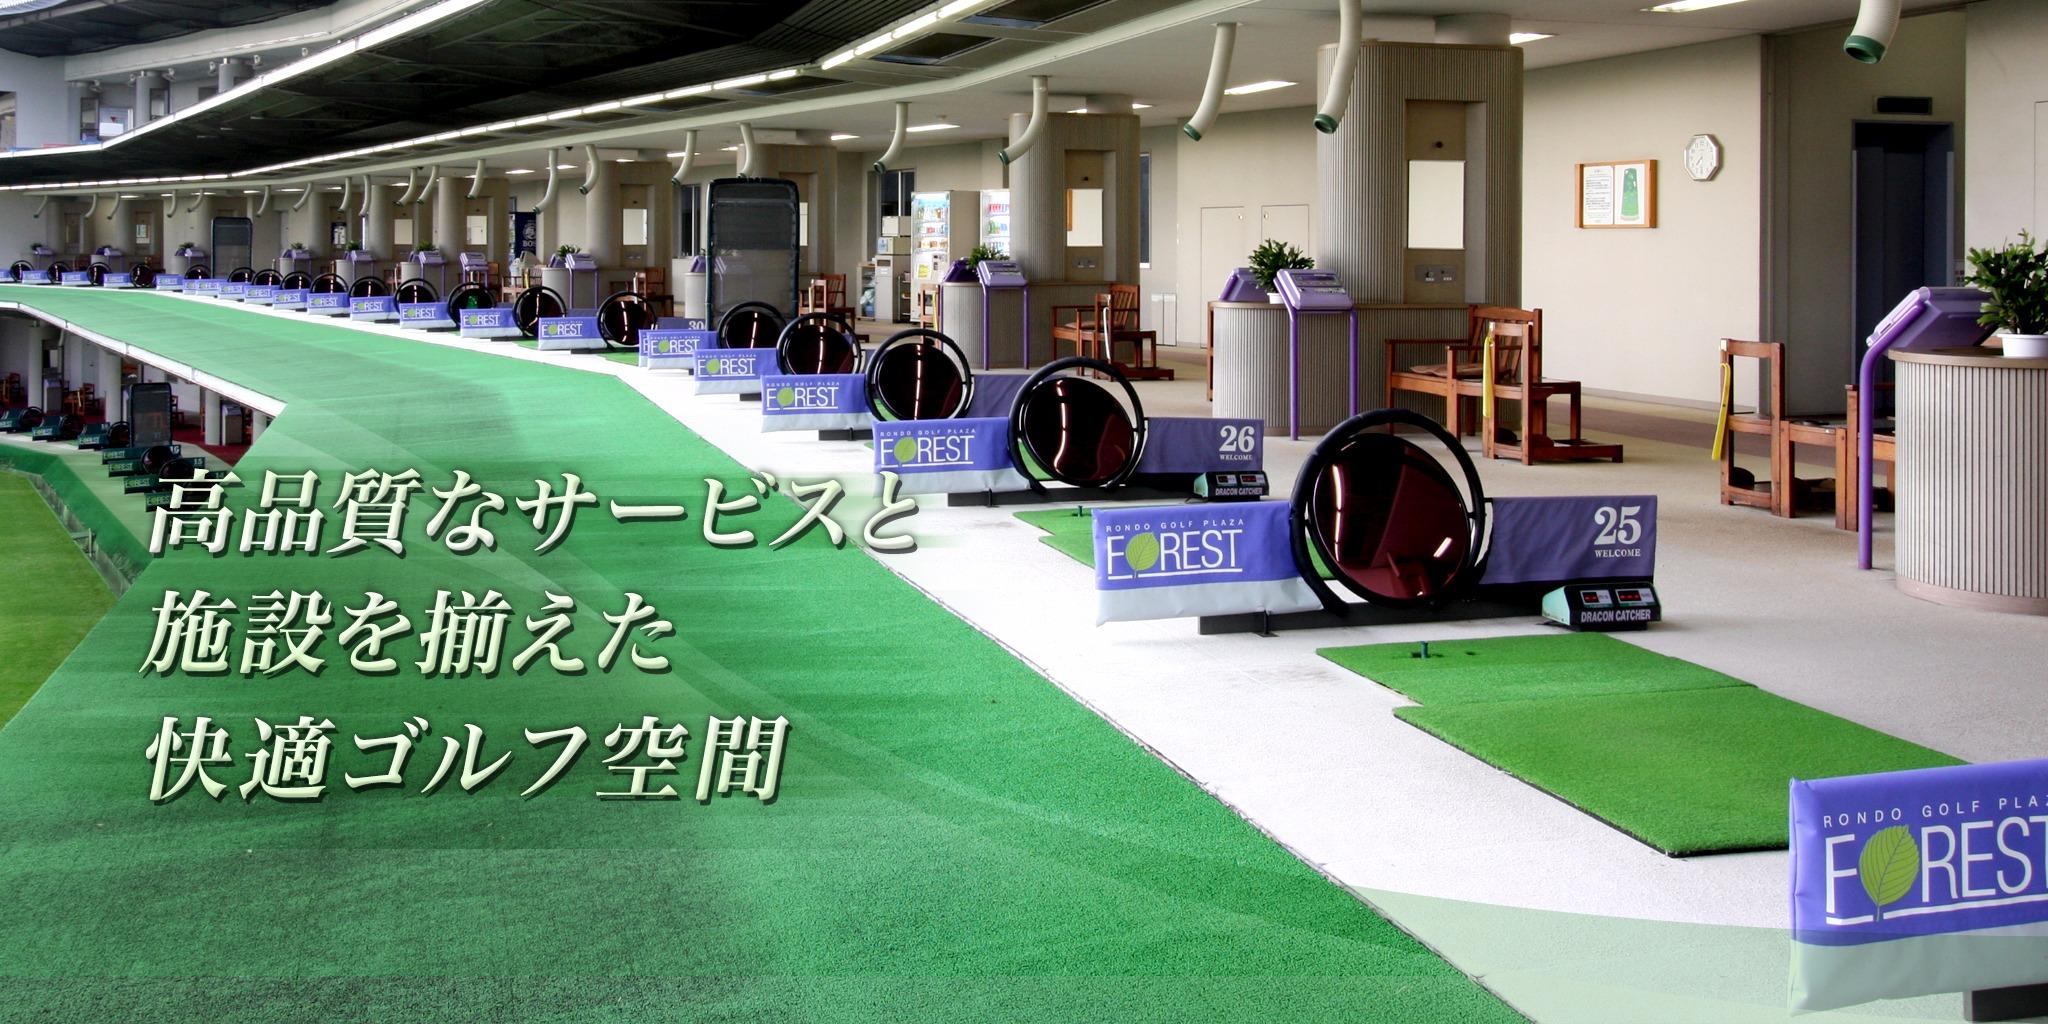 ロンド ゴルフプラザ フォレスト 高品質なサービスと施設を揃えた快適ゴルフ空間